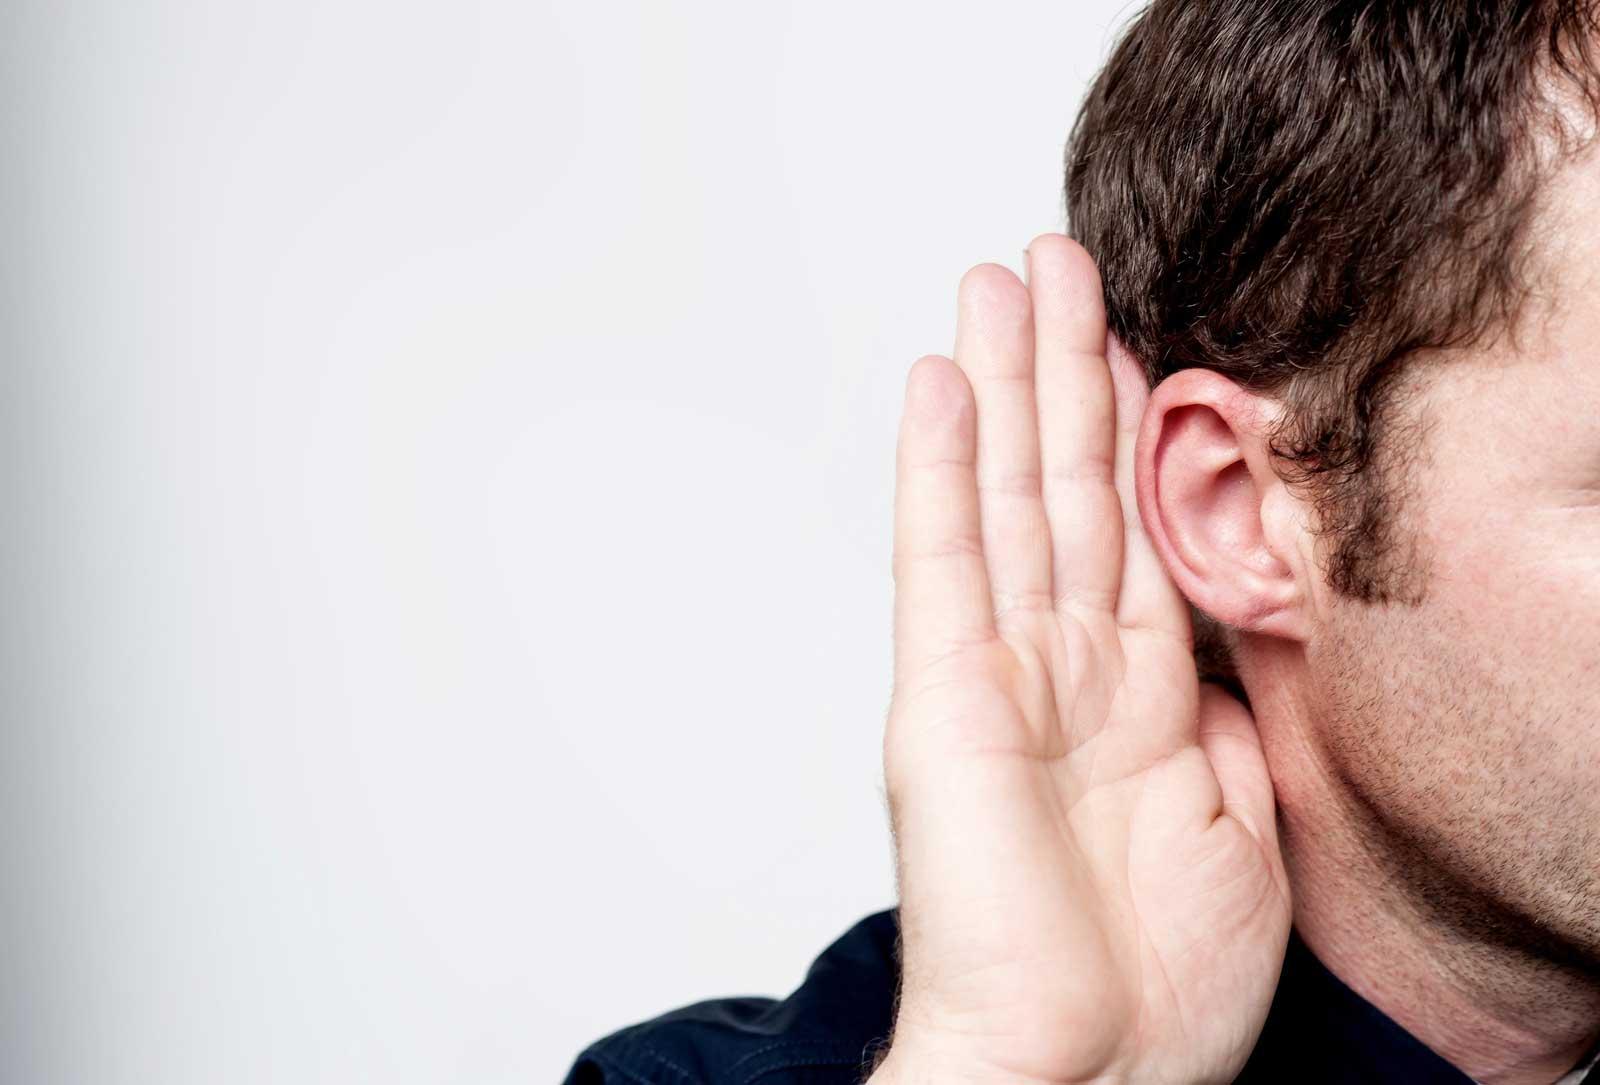 Franchisenehmer profitieren von Podcastkanal